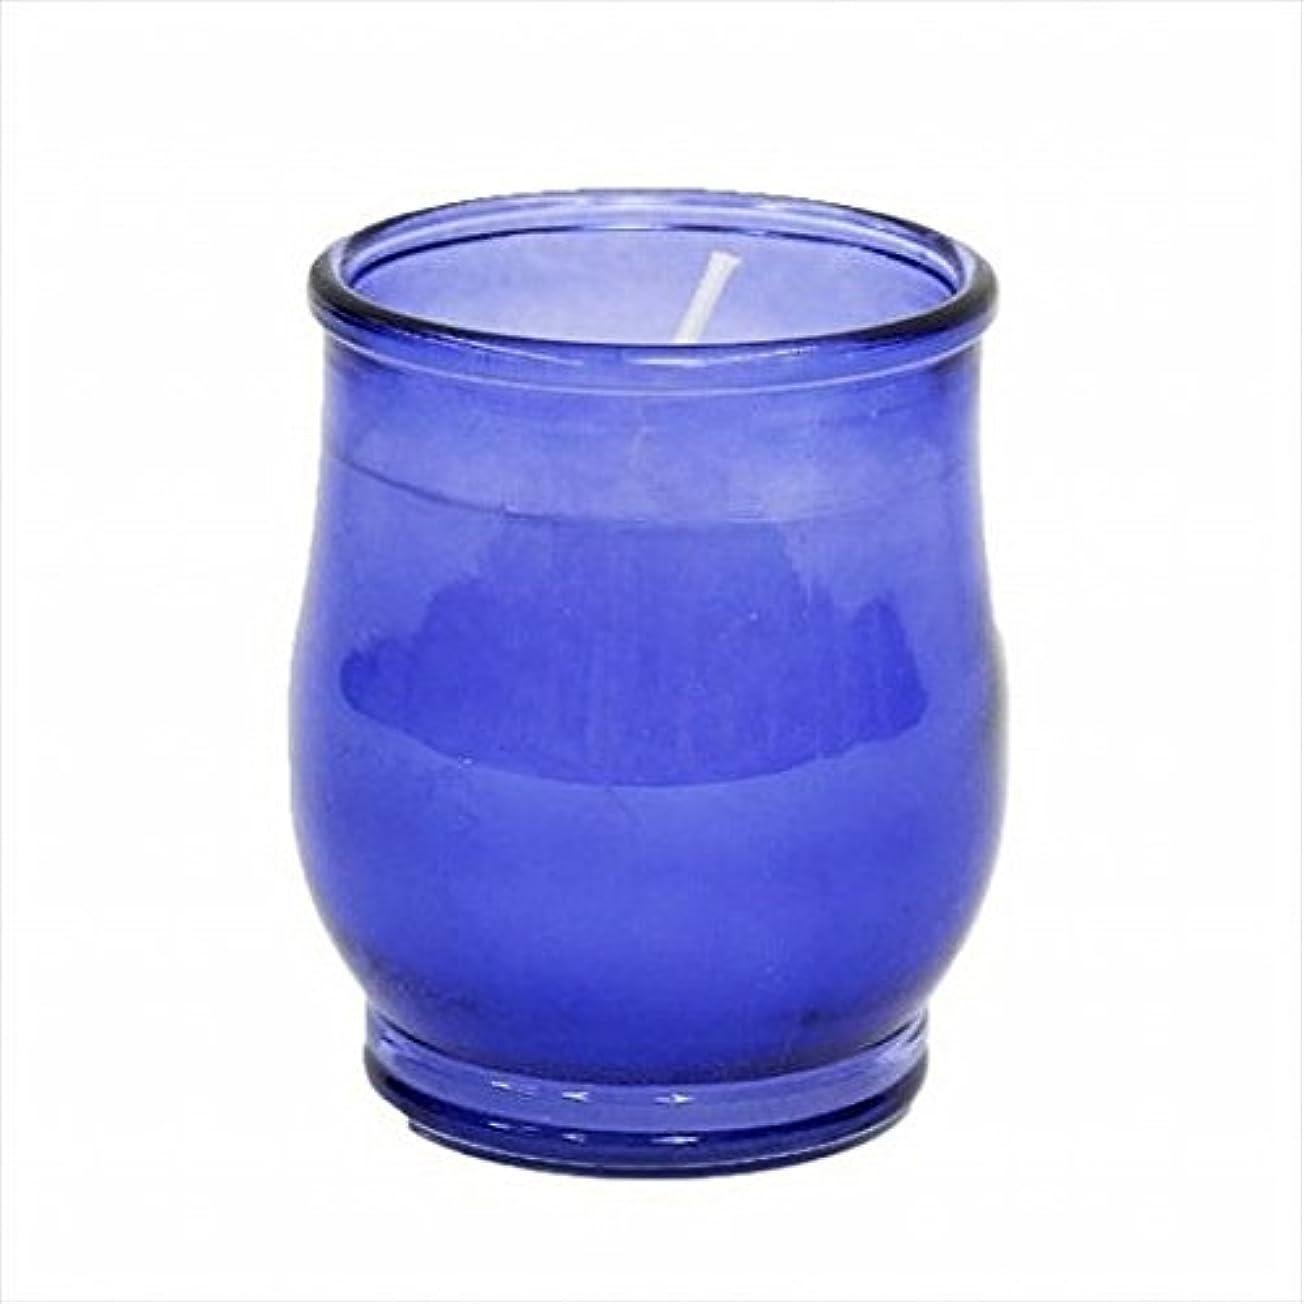 キャビン汚れたヘルパーkameyama candle(カメヤマキャンドル) ポシェ(非常用コップローソク) 「 ブルー(ライトカラー) 」 キャンドル 68x68x80mm (73020030B)